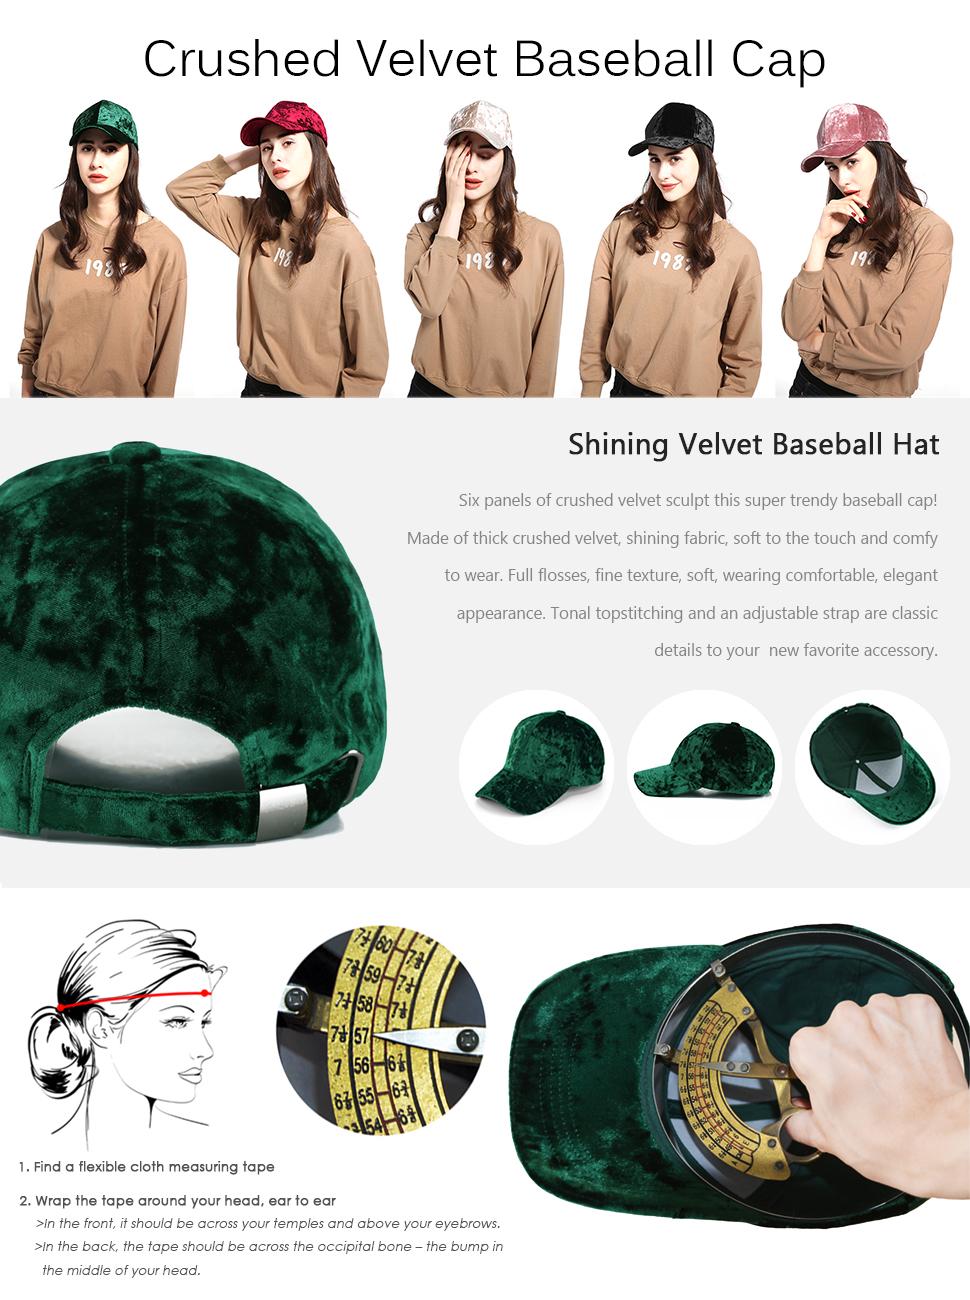 bc4e5cc7782c8 JOOWEN Unisex Crushed Velvet Basketball Hat Adjustable Soft Shining ...